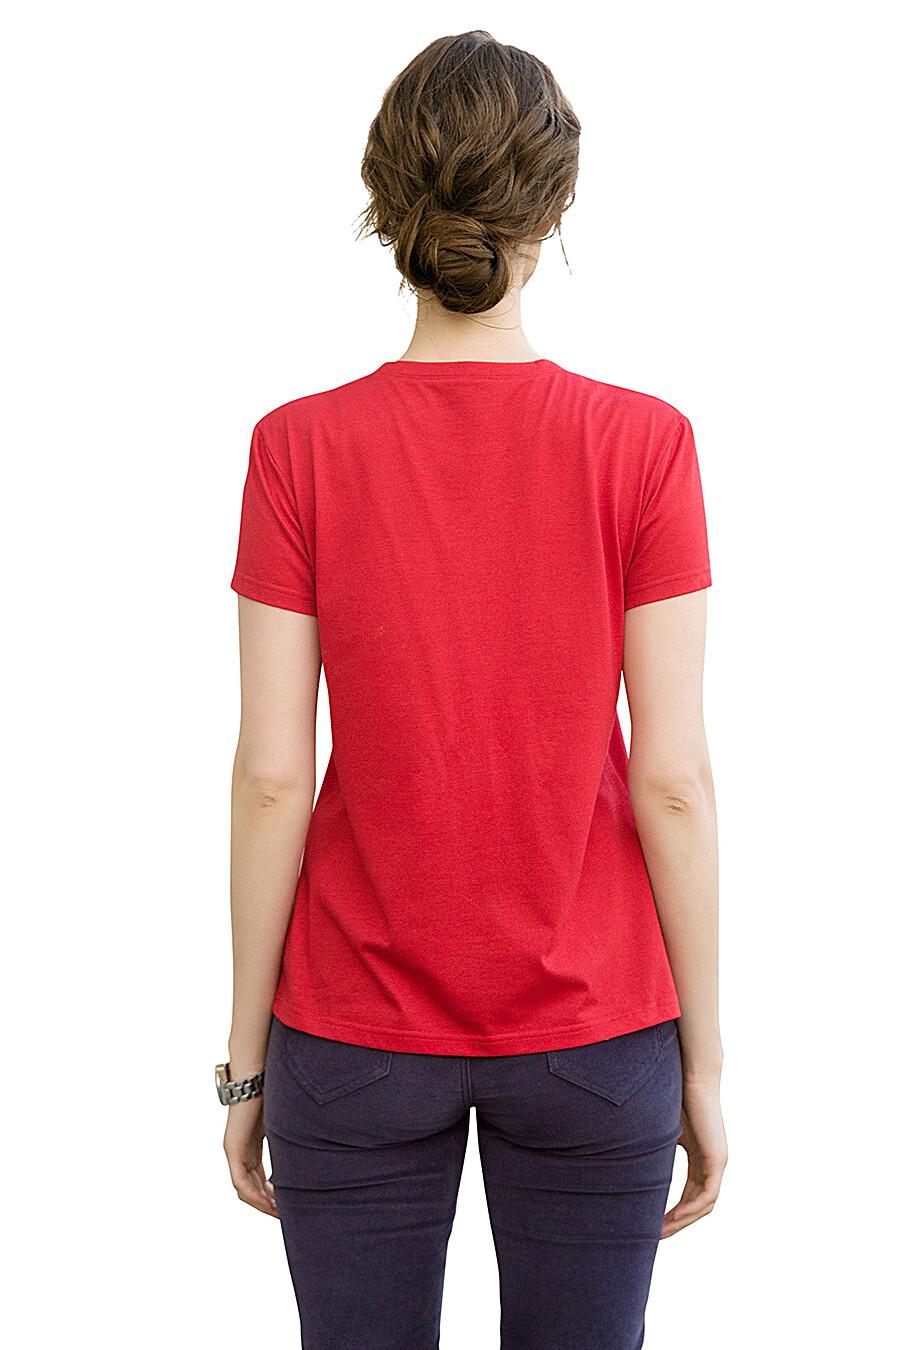 Футболка для женщин PELICAN 146727 купить оптом от производителя. Совместная покупка женской одежды в OptMoyo